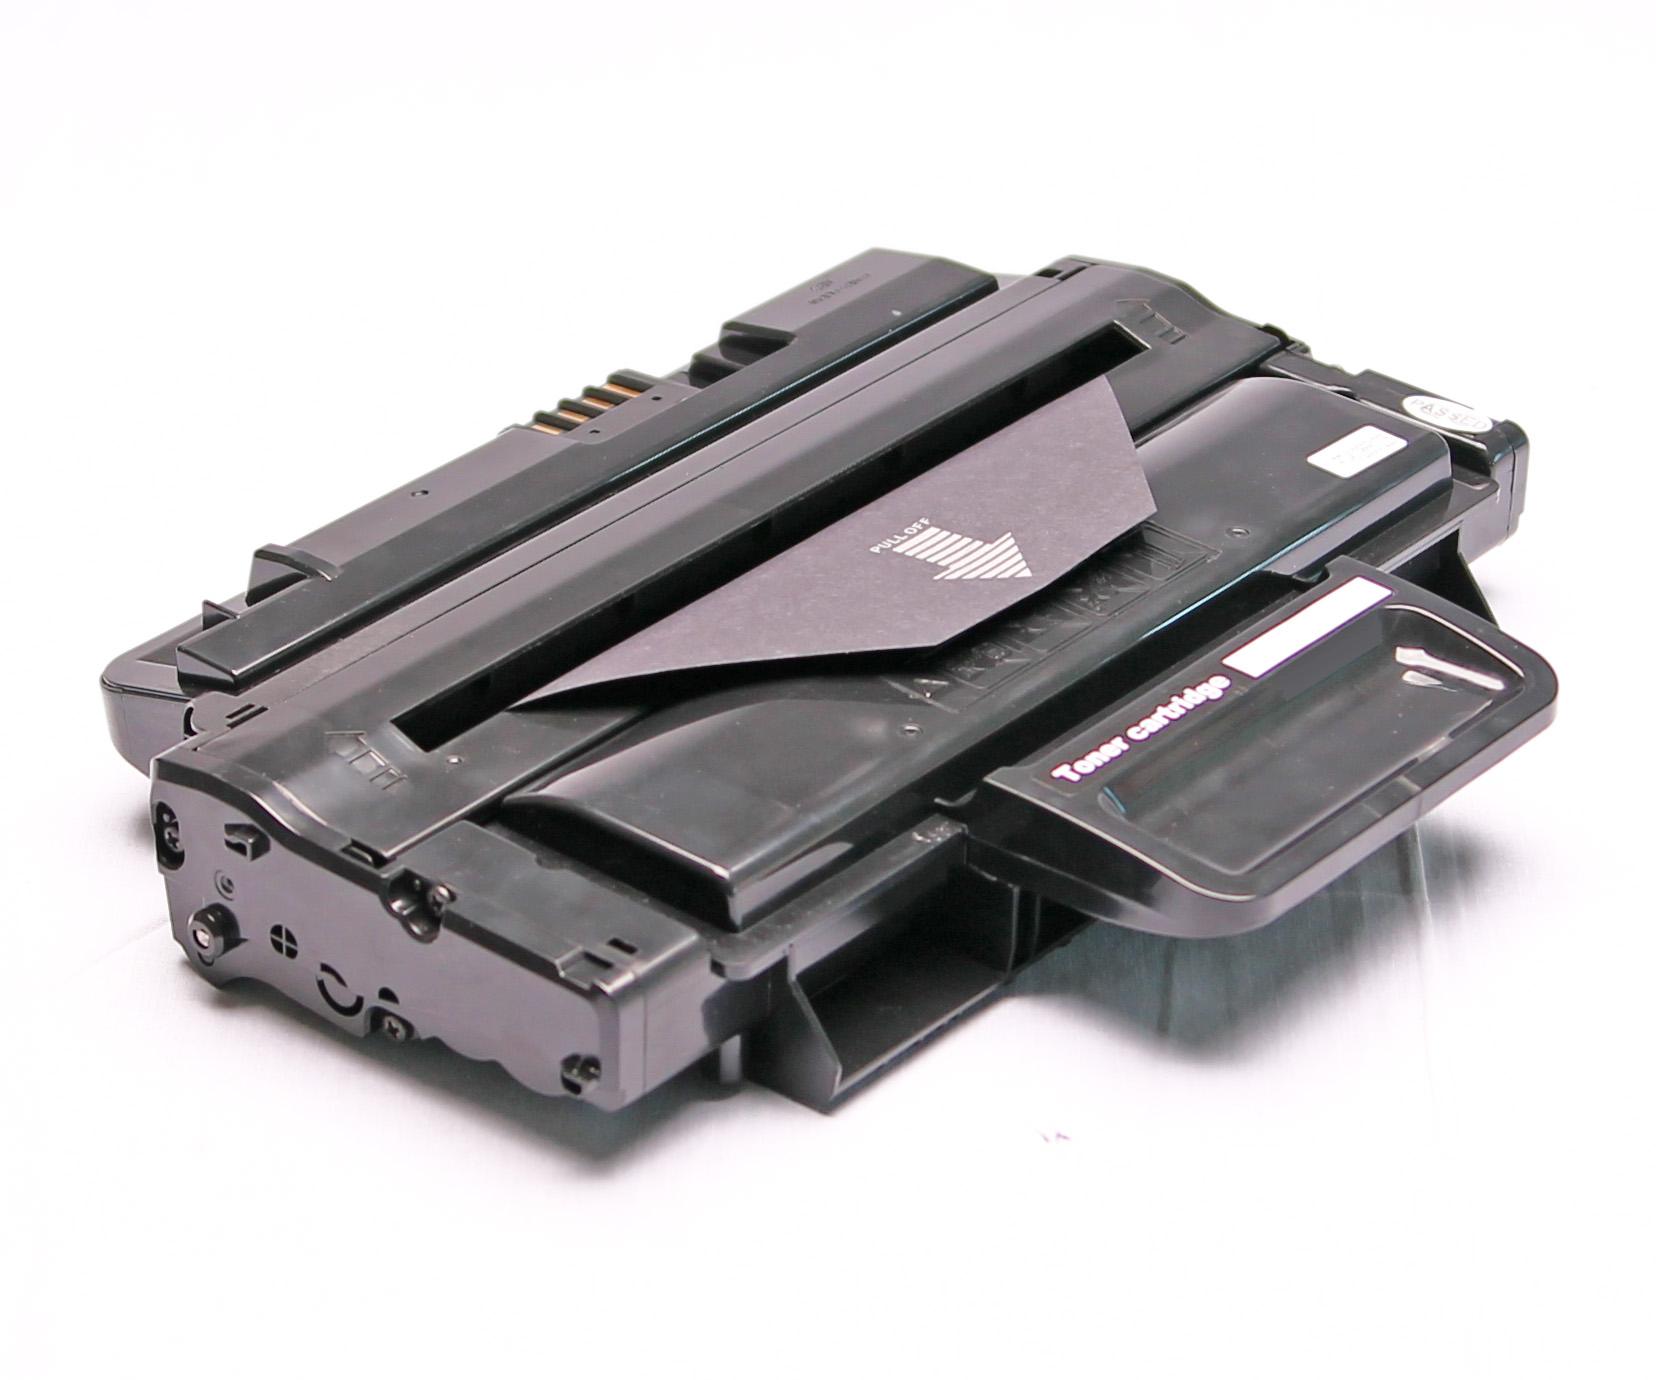 Kompatibel Toner für Samsung Ml2850 Ml2851